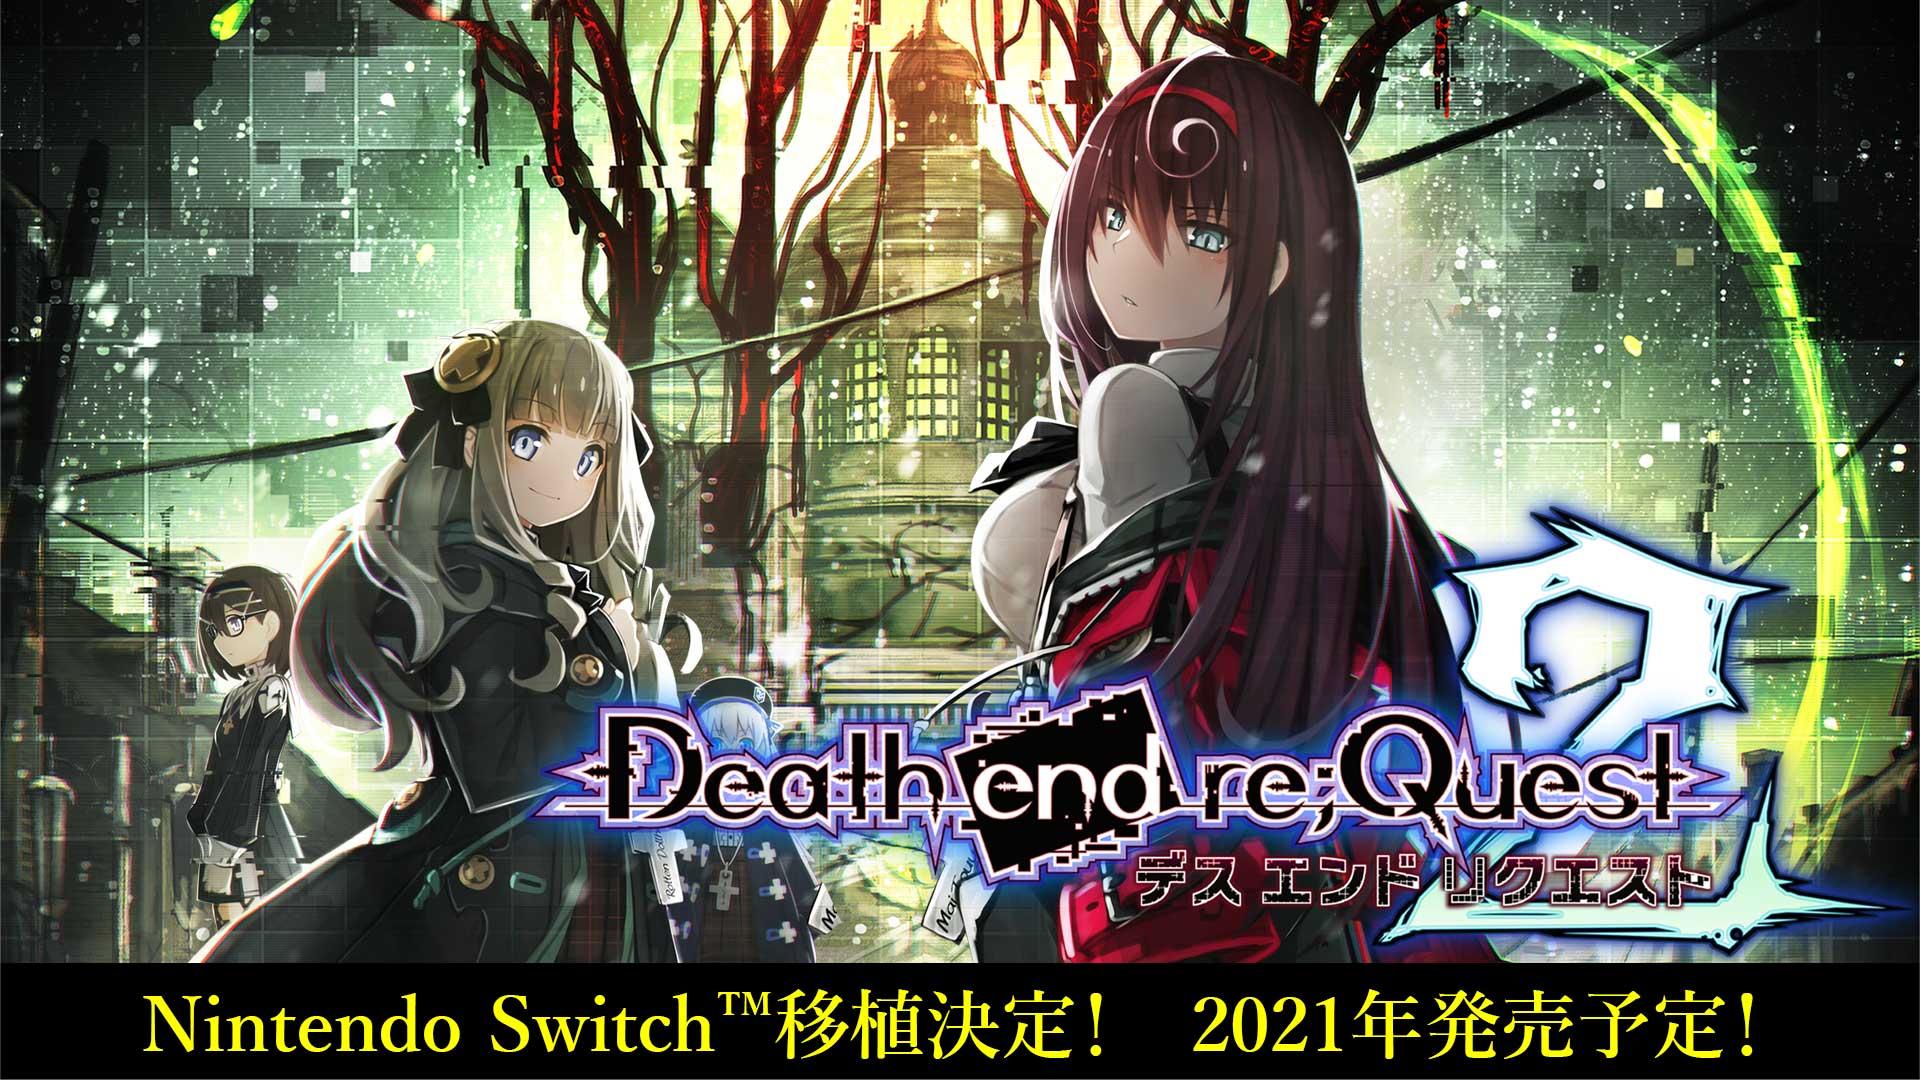 暗黑风RPG《死亡终局:轮回试炼2》将登录NS平台